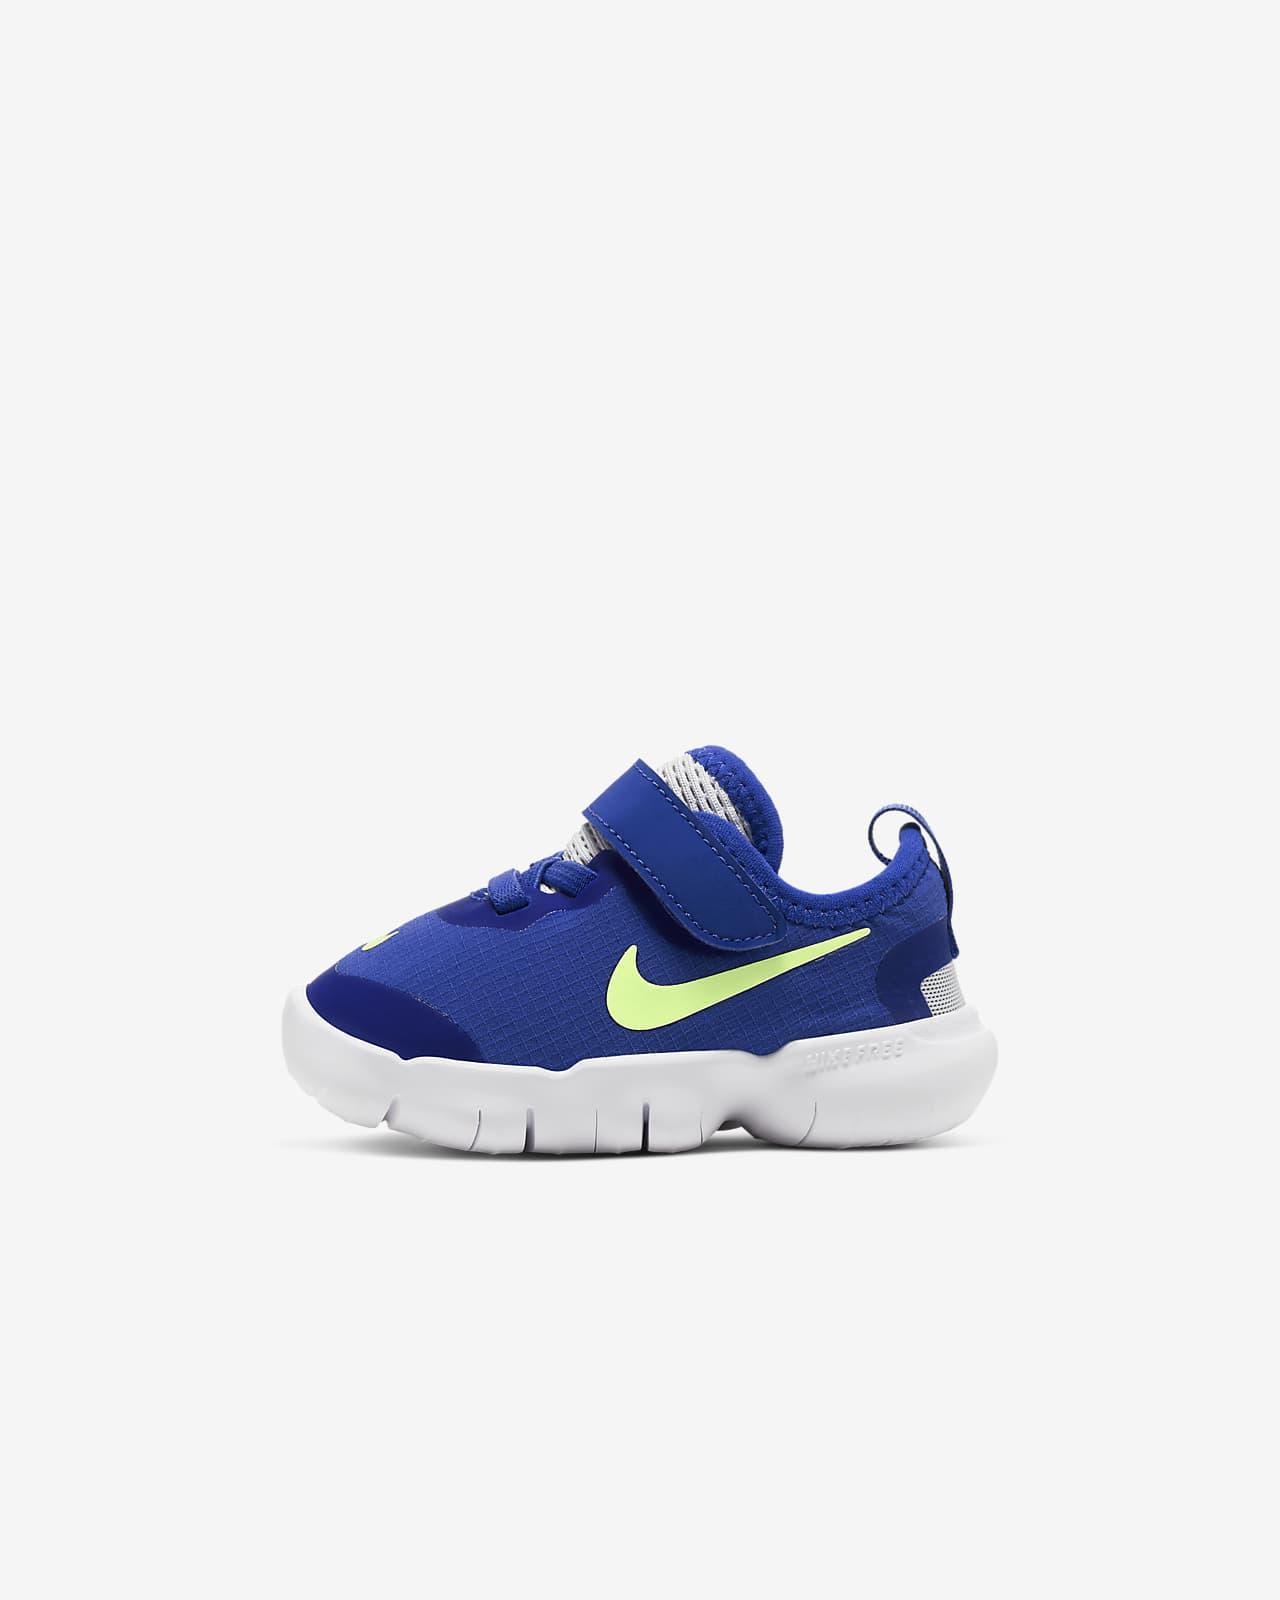 Nike Free RN 5.0 Baby/Toddler Shoe